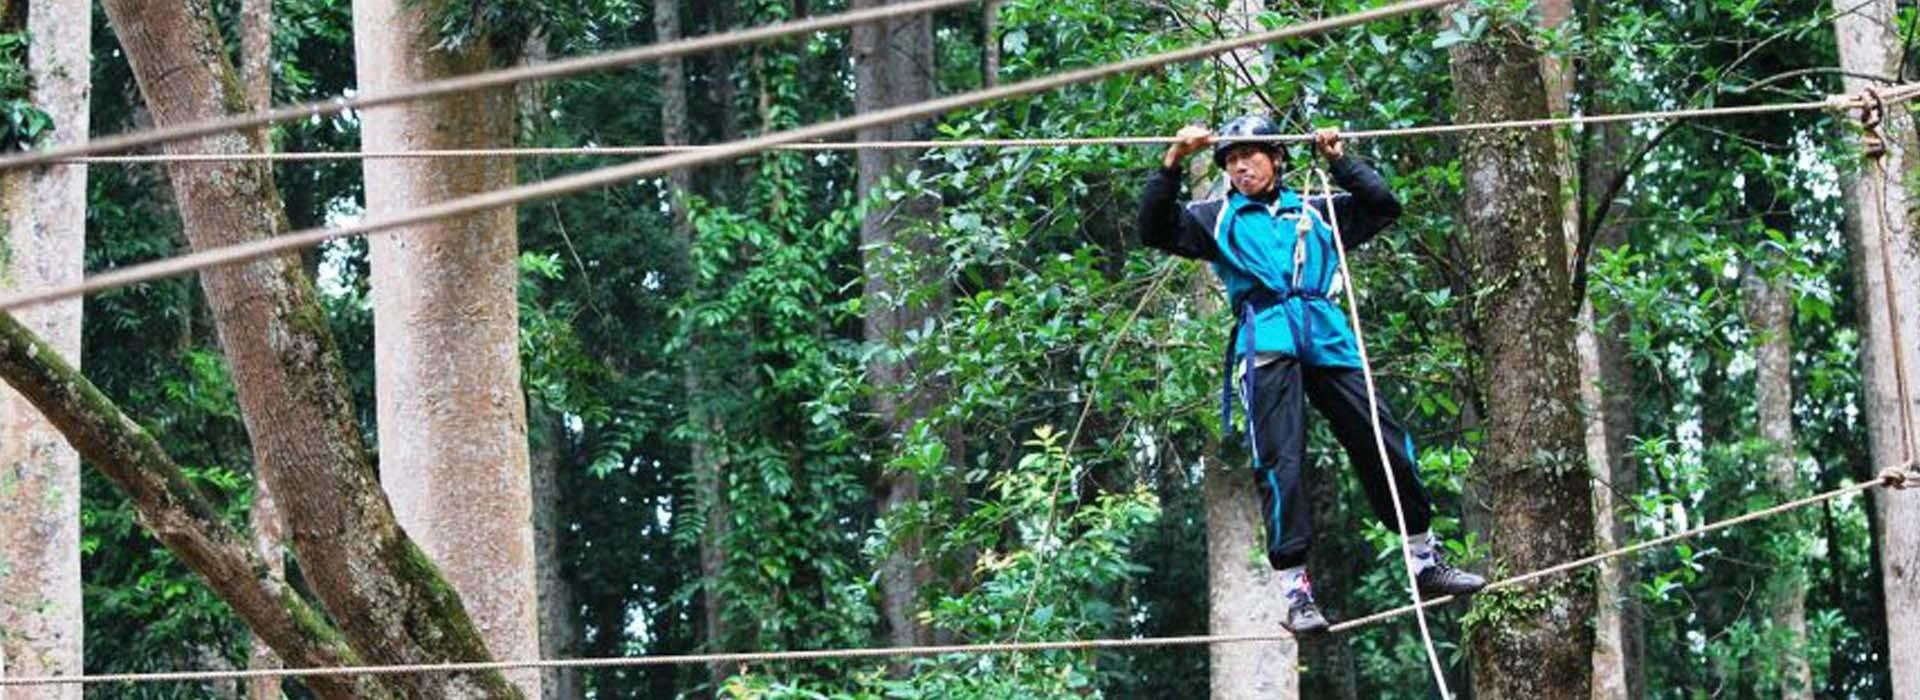 outbond hutan pendidikan gunung walat